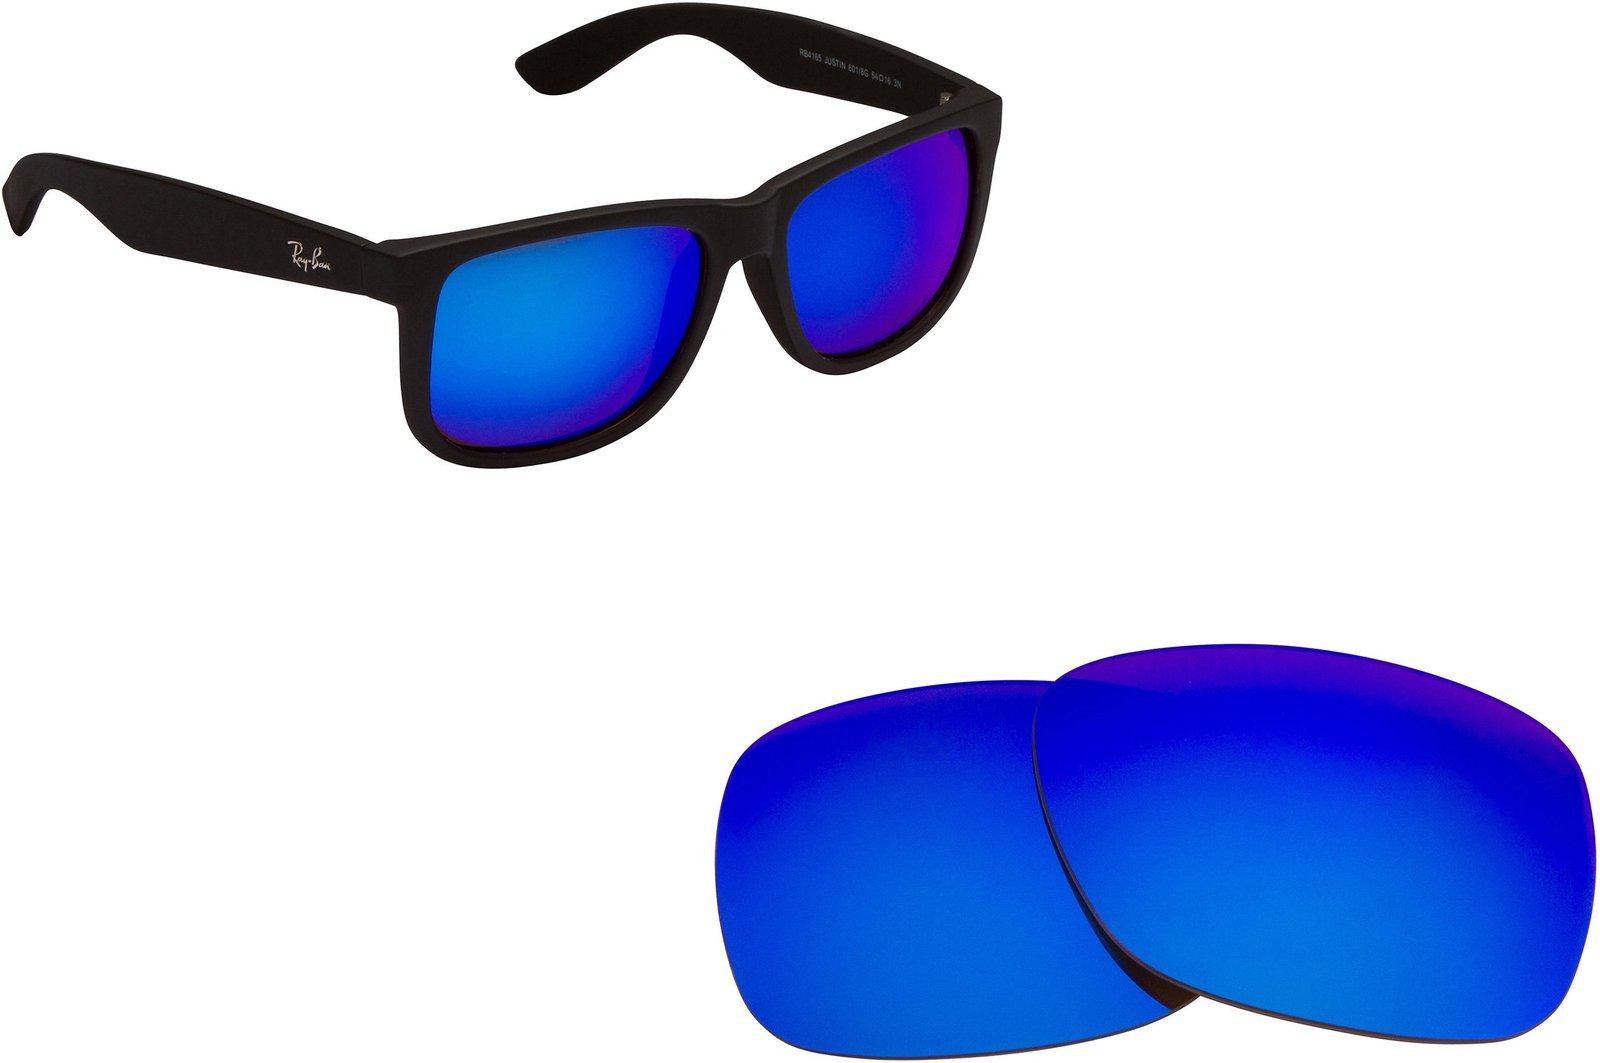 58297e8572 71g4bokni l. 71g4bokni l. Previous. New SEEK Replacement Lenses Ray Ban  Justin 4165 - Polarized Blue Mirror